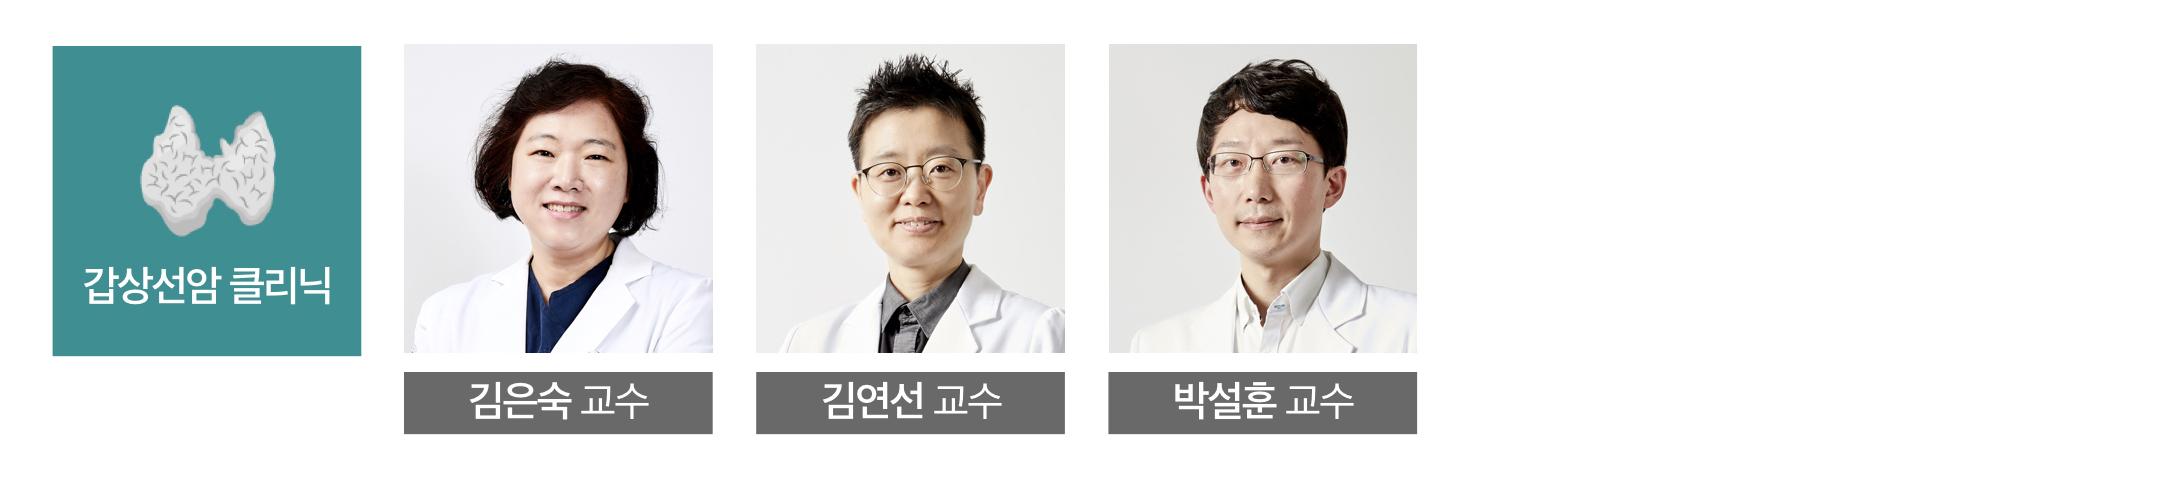 갑상선암 클리닉 교수님